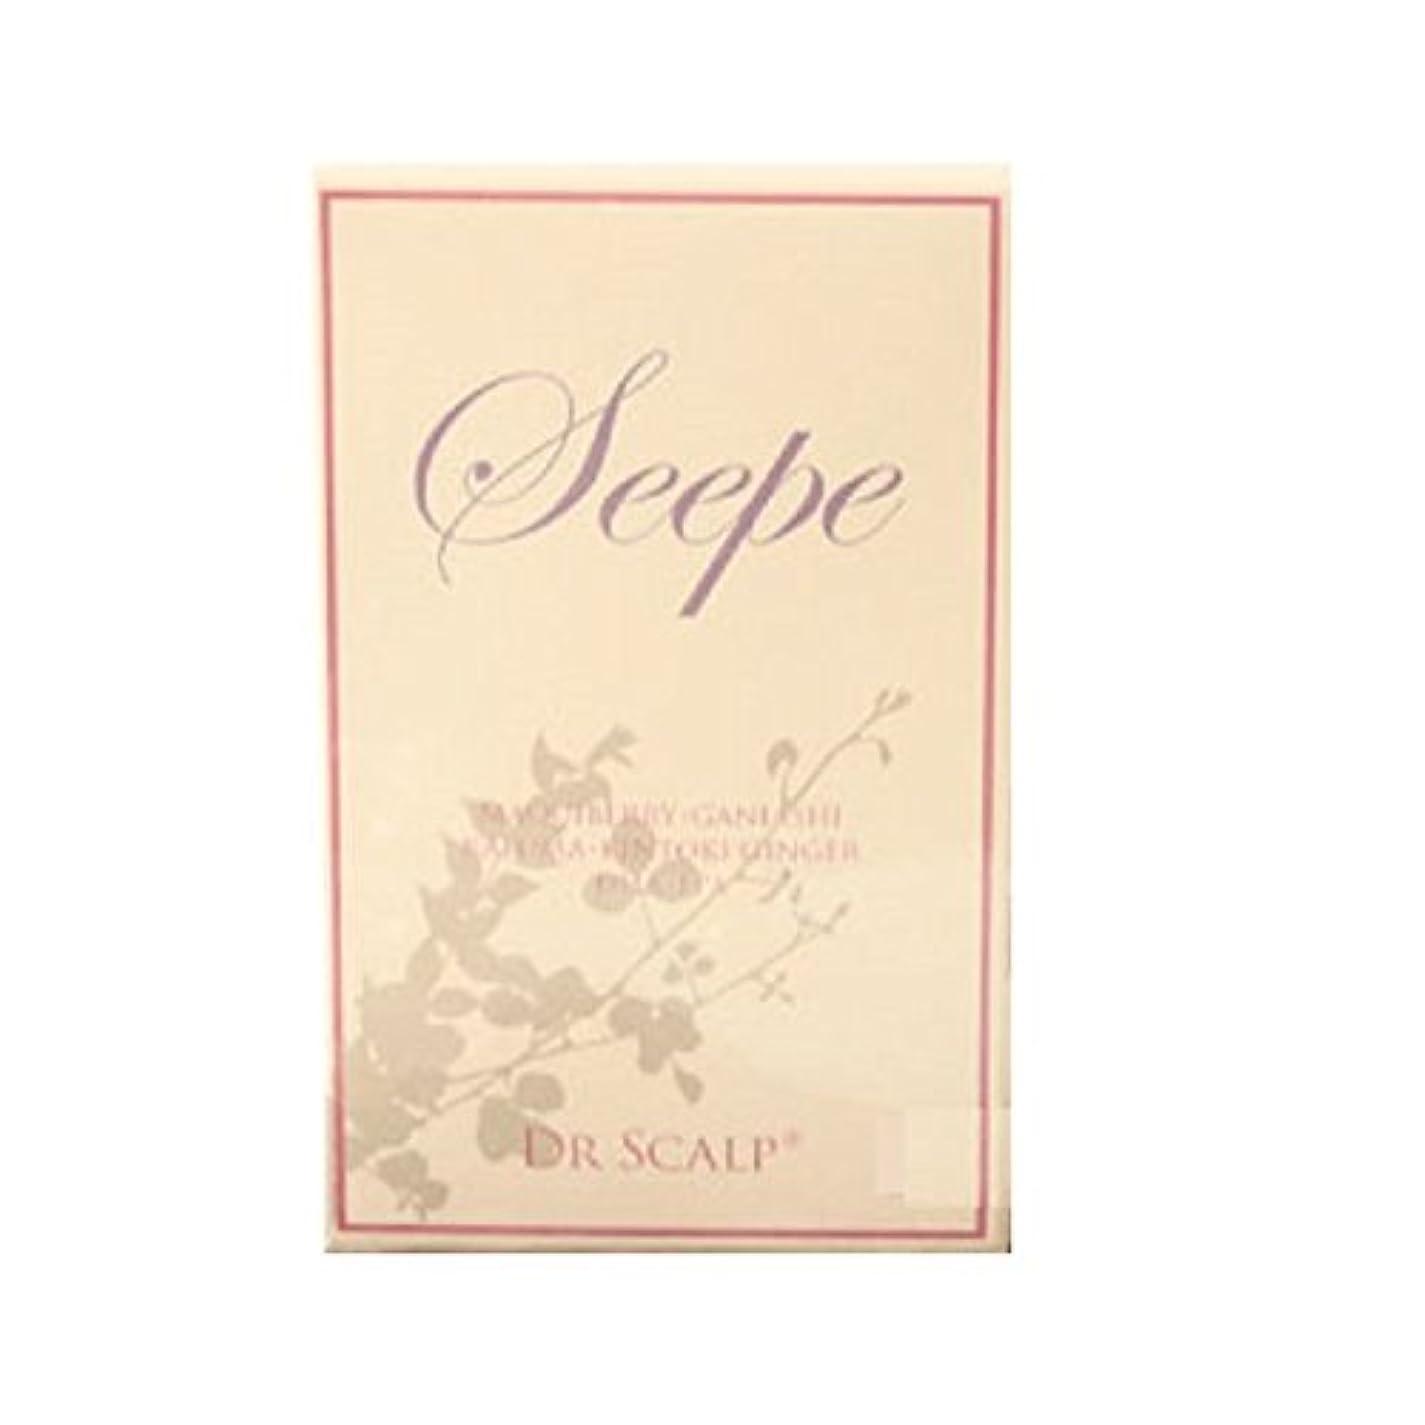 豚醸造所マイナードクタースカルプ DR.SCALP(ドクタースカルプ)SEEPE(シープ) (サプリメント)※プロジェクトサプリメントのリニューアル商品です《60粒》